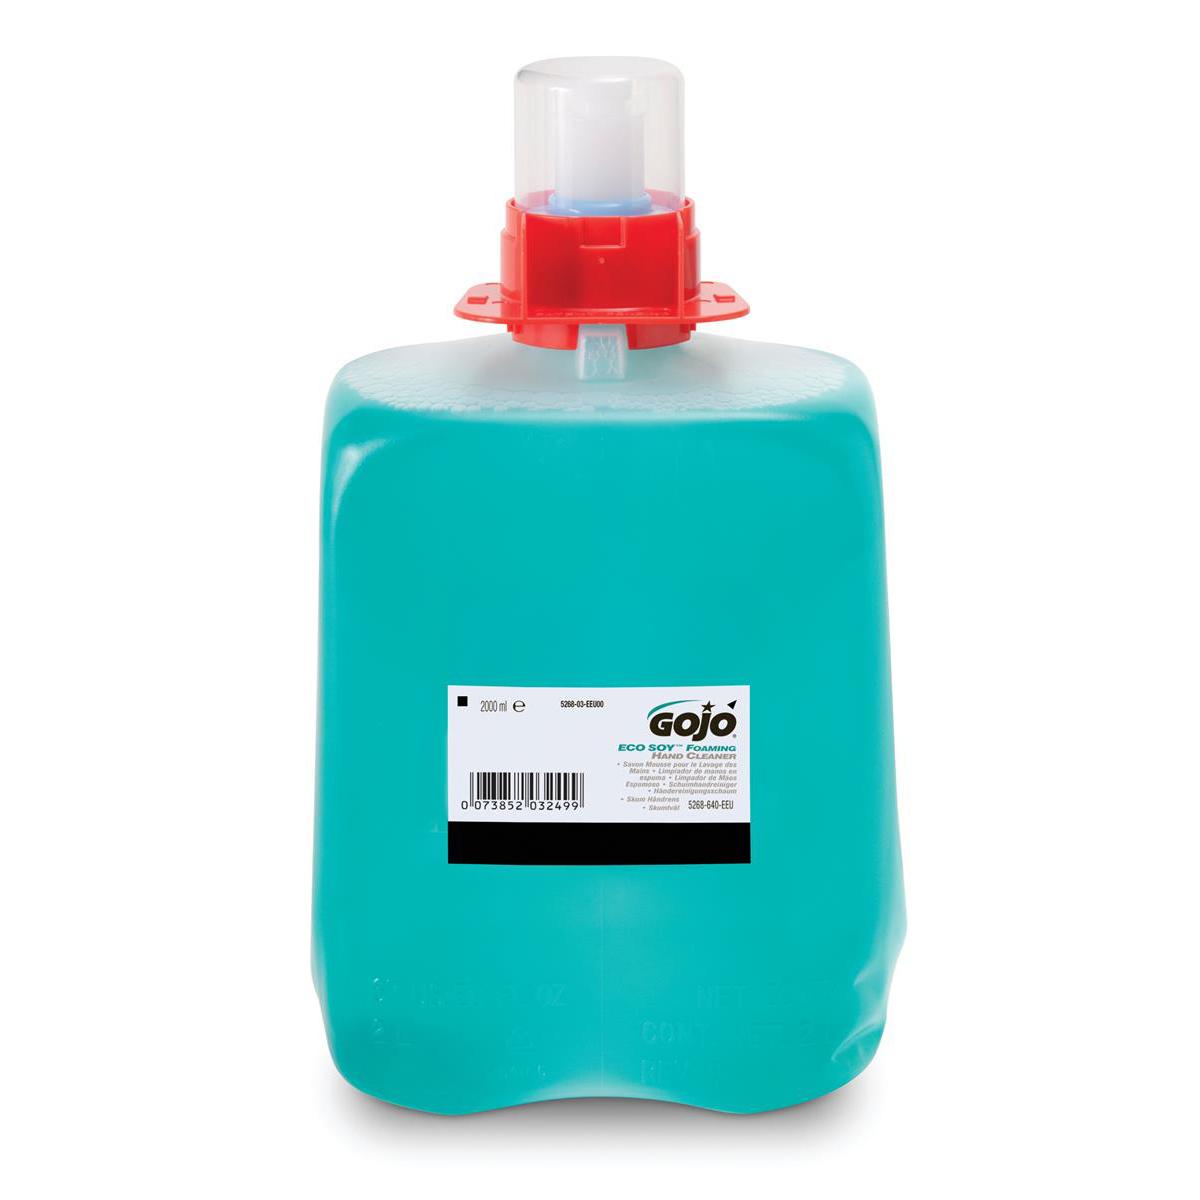 Gojo ECOY Foam Hand Wash 2000ml Ref N07571